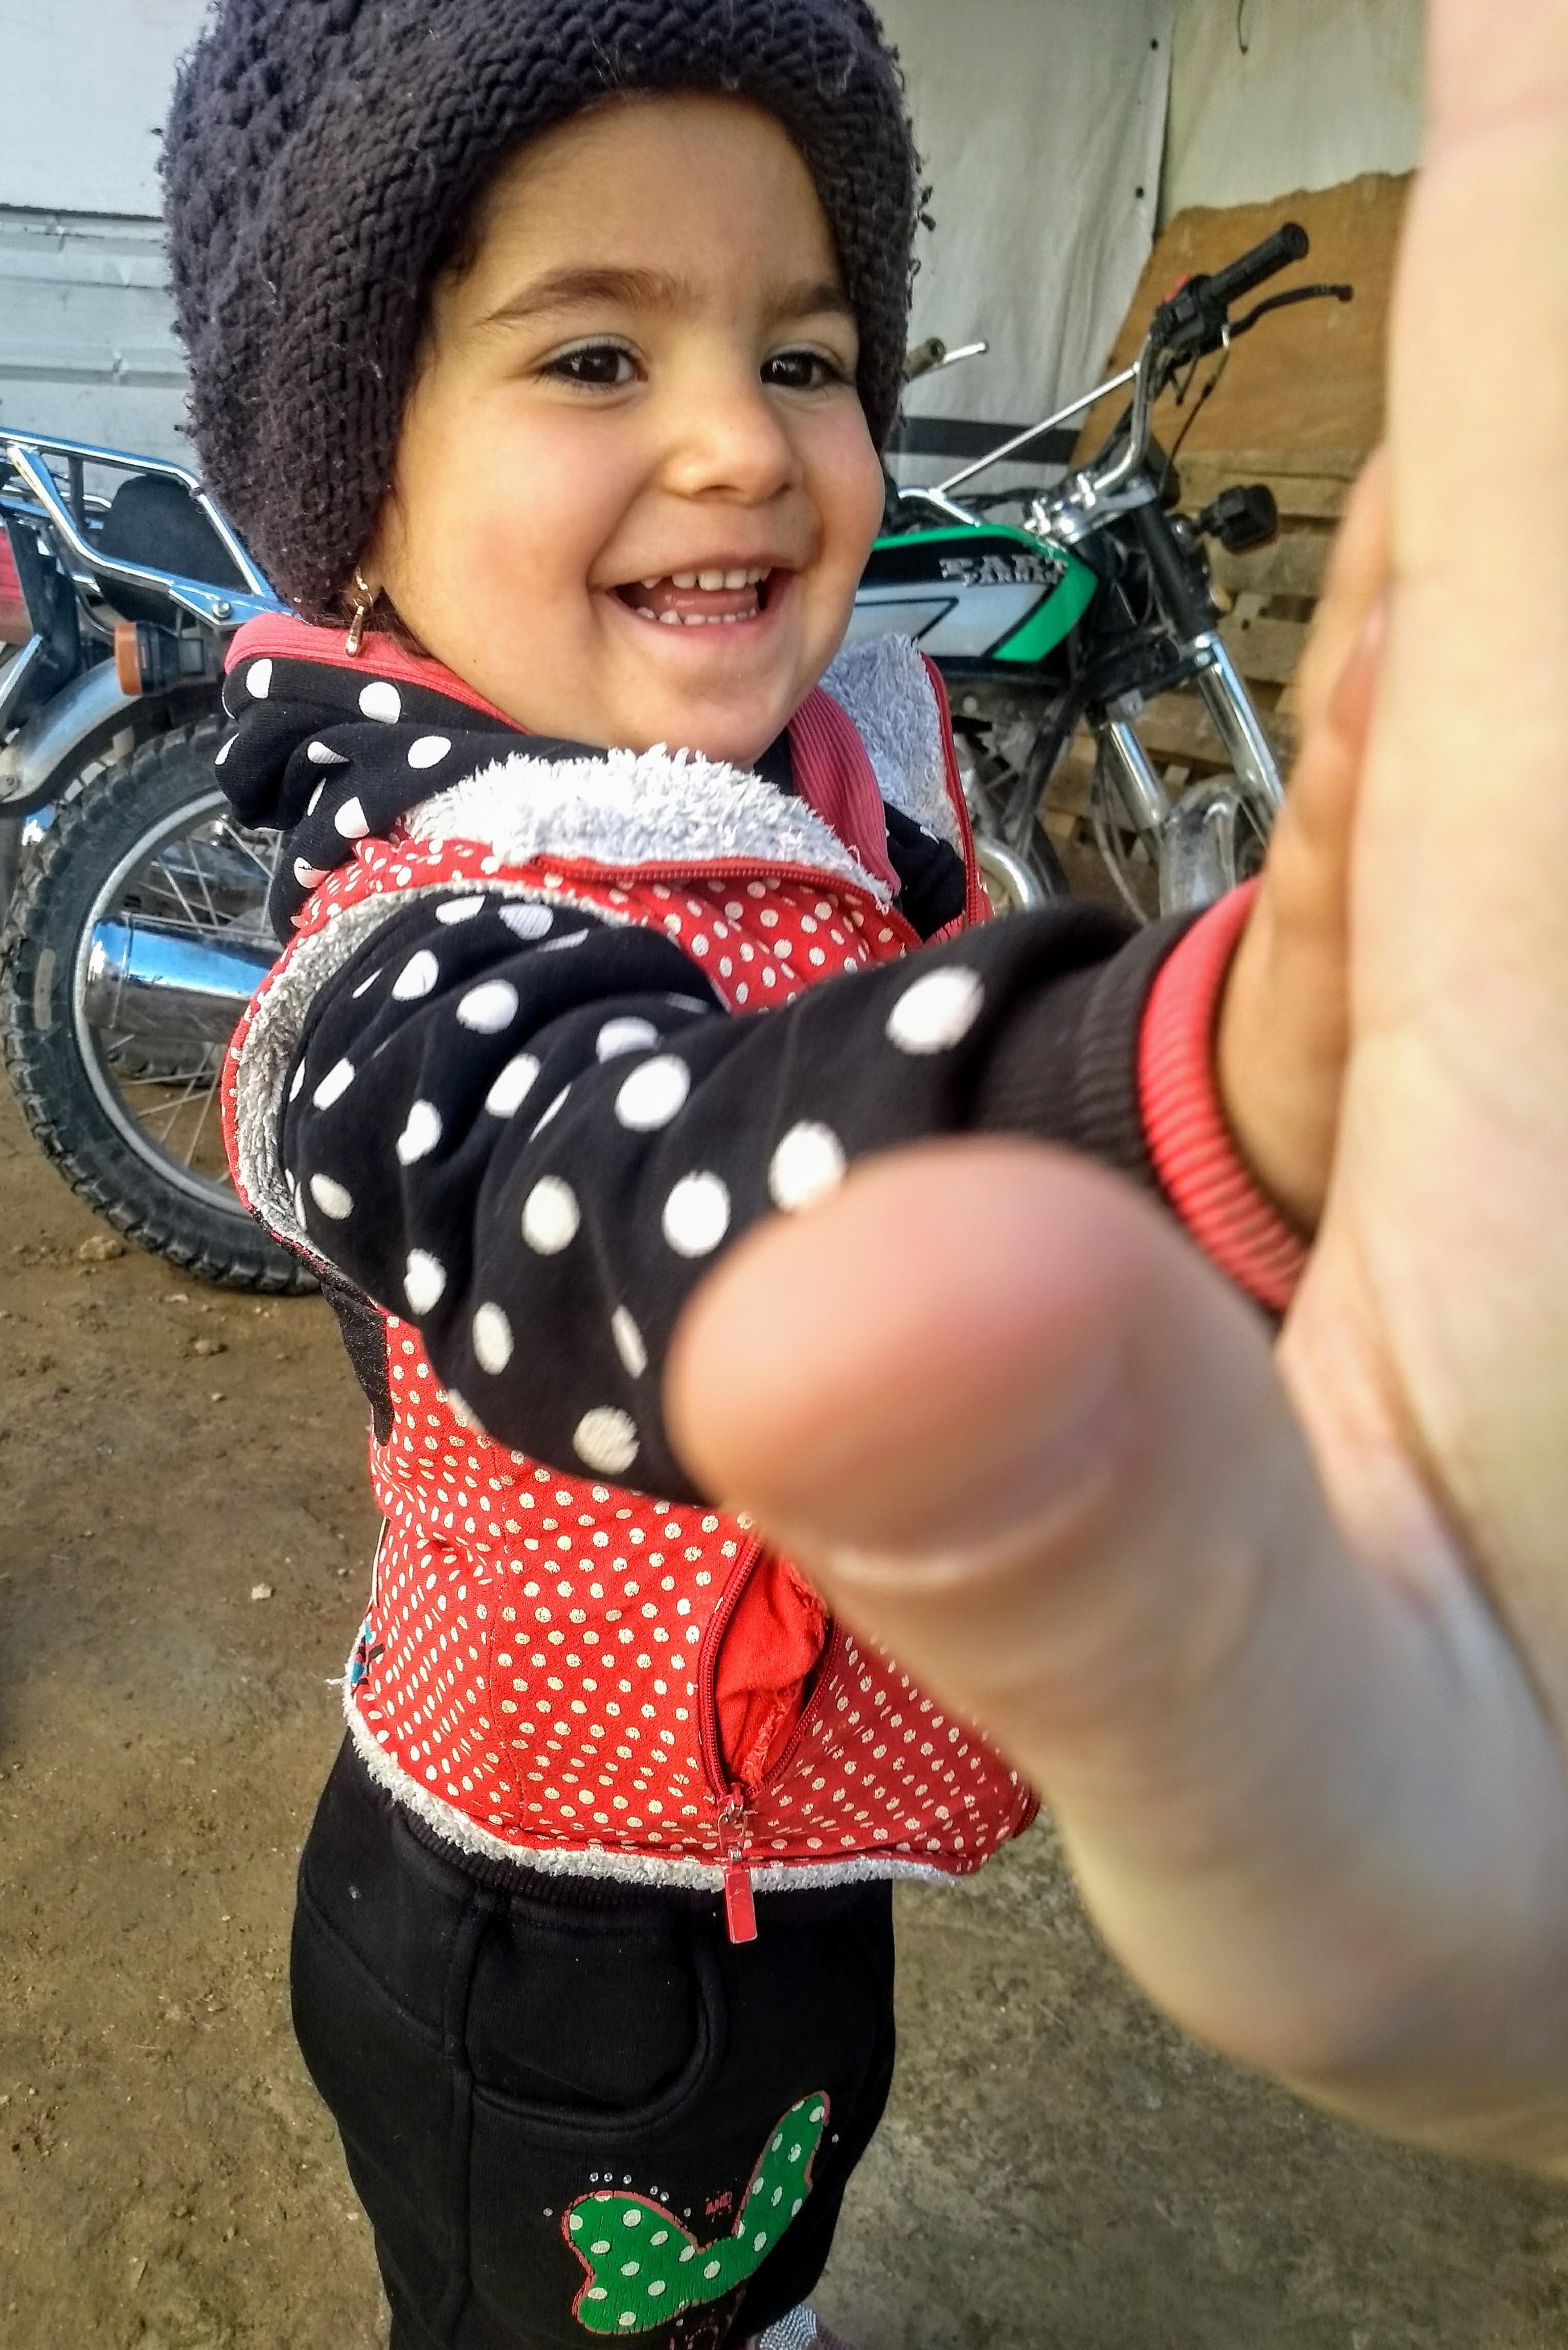 """Maalak i """"piątka"""" na pożegnanie. Takich dzieci, jak trzylatka – Syryjczyków urodzonych na wygnaniu – jest już ponad pół miliona/fot. Marcin Ogdowski"""